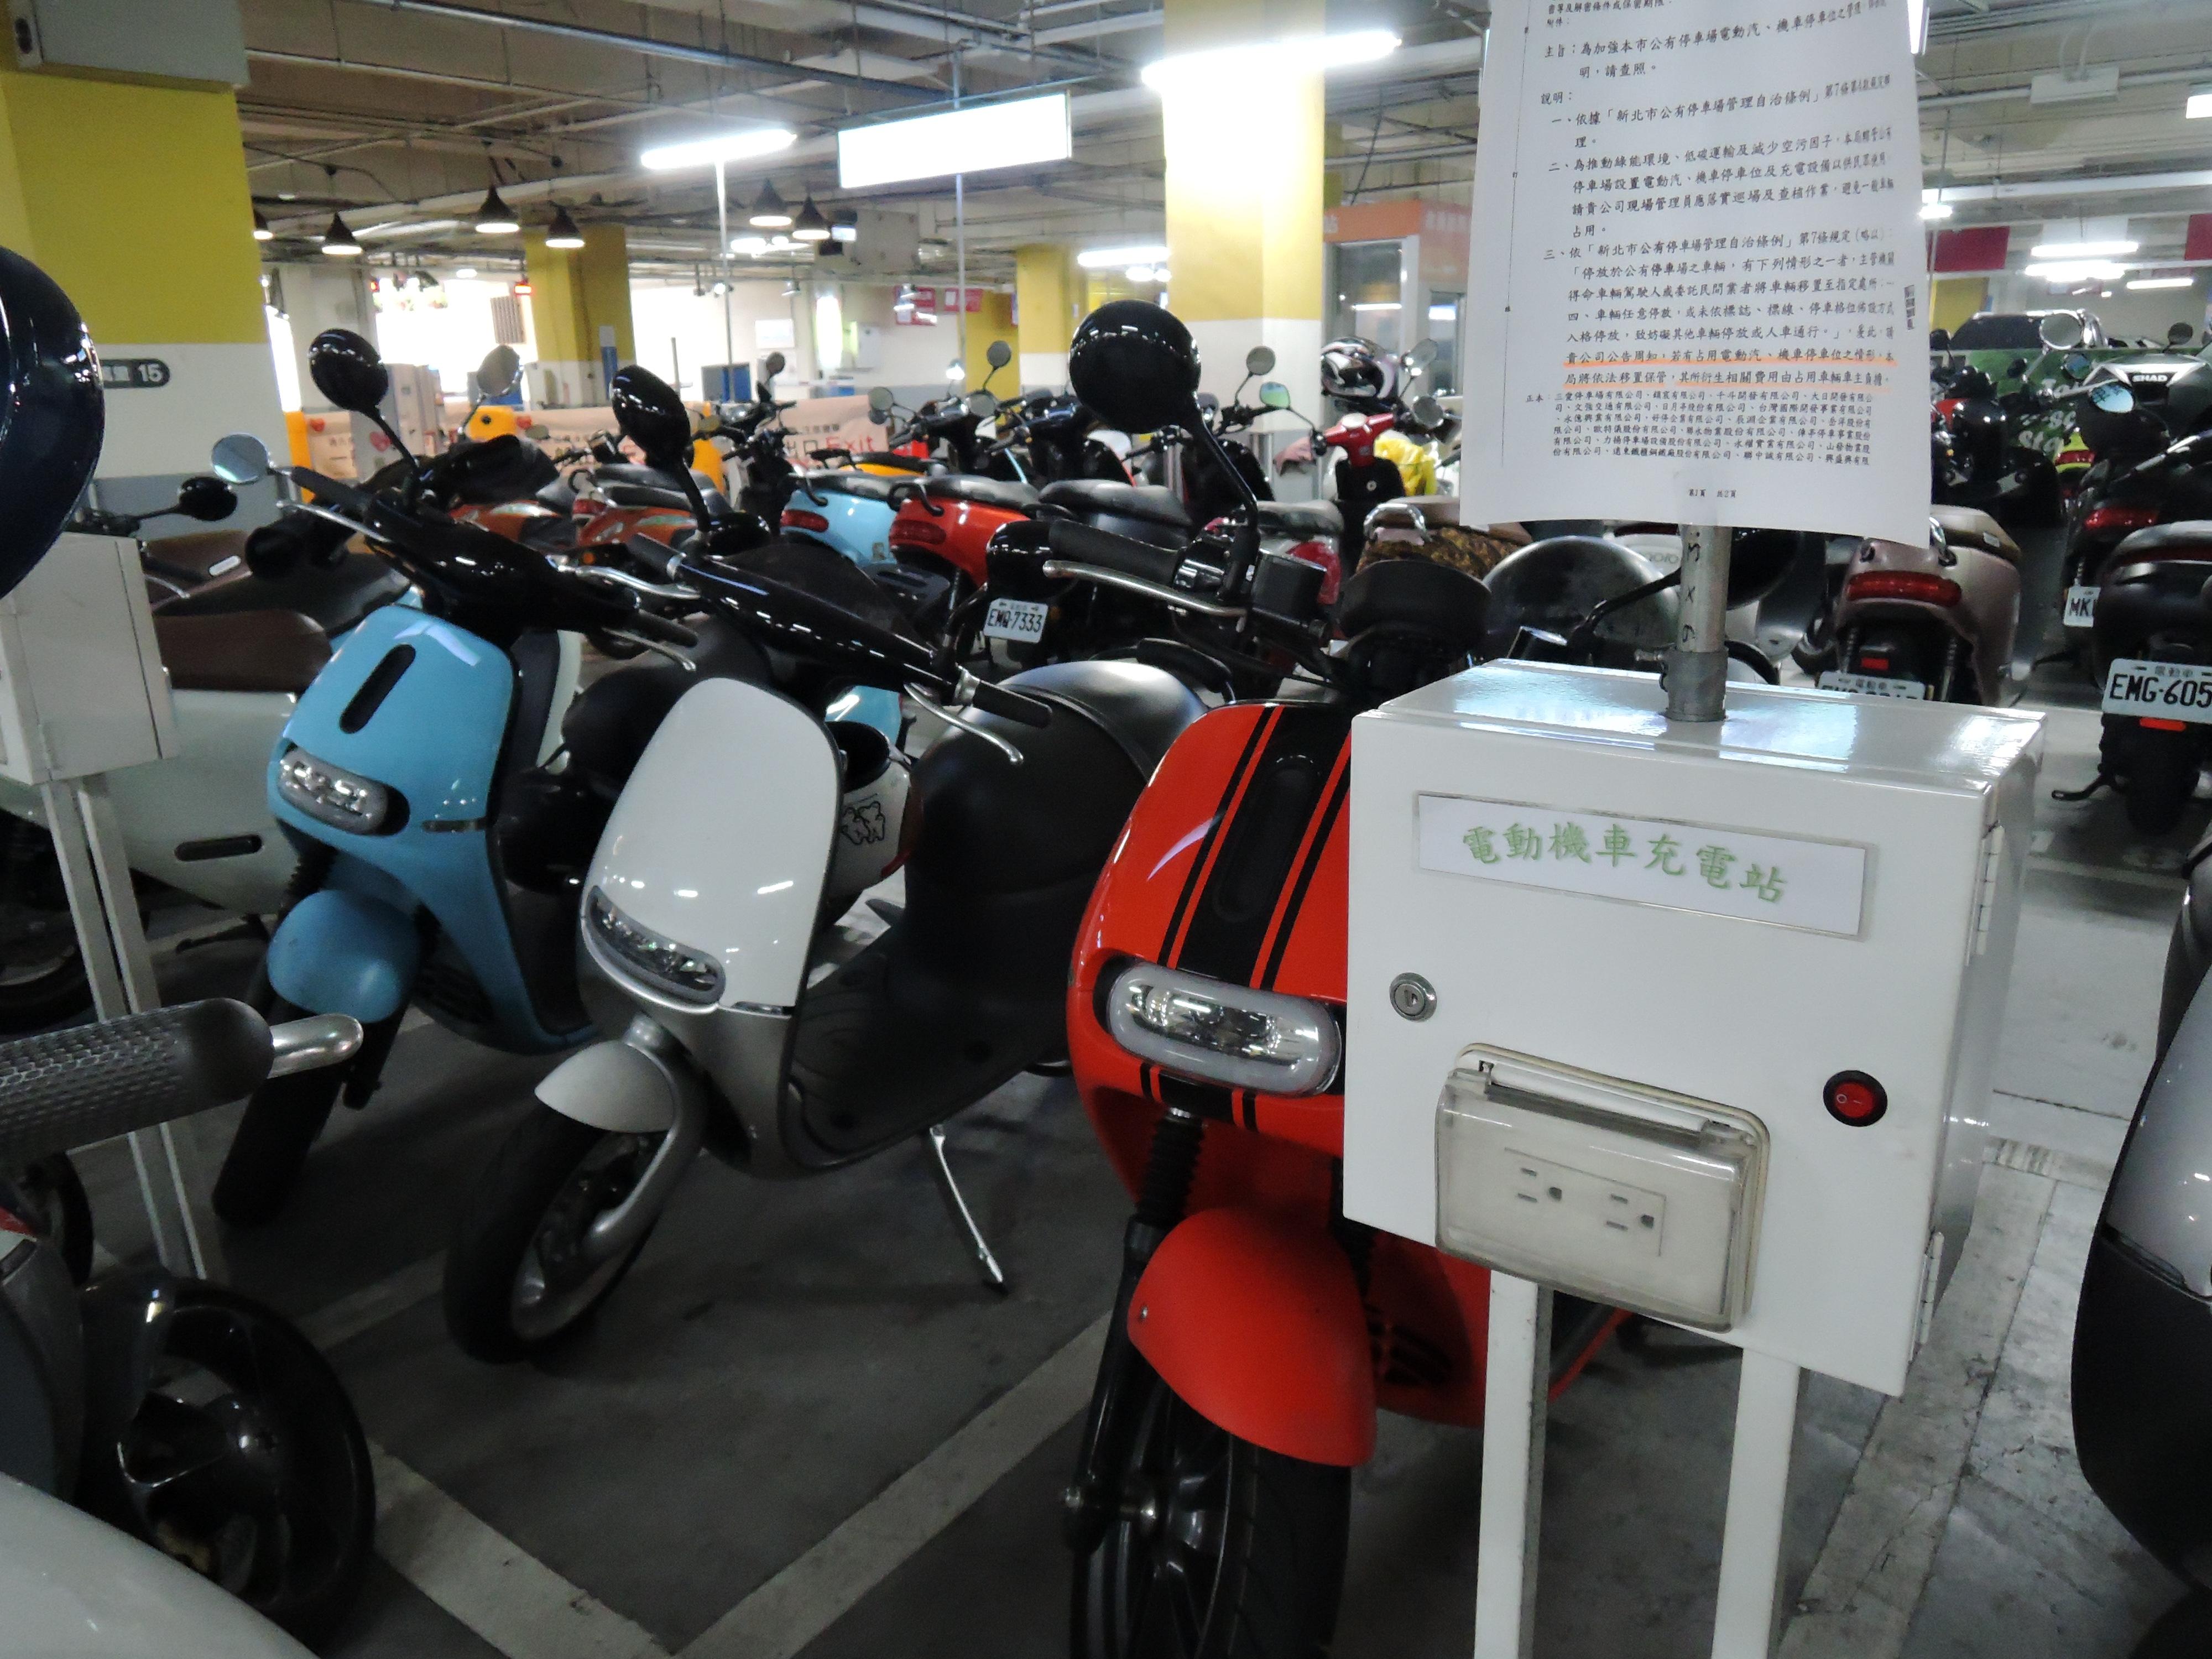 新北市停車場內的電動機車停車區設有充電座。